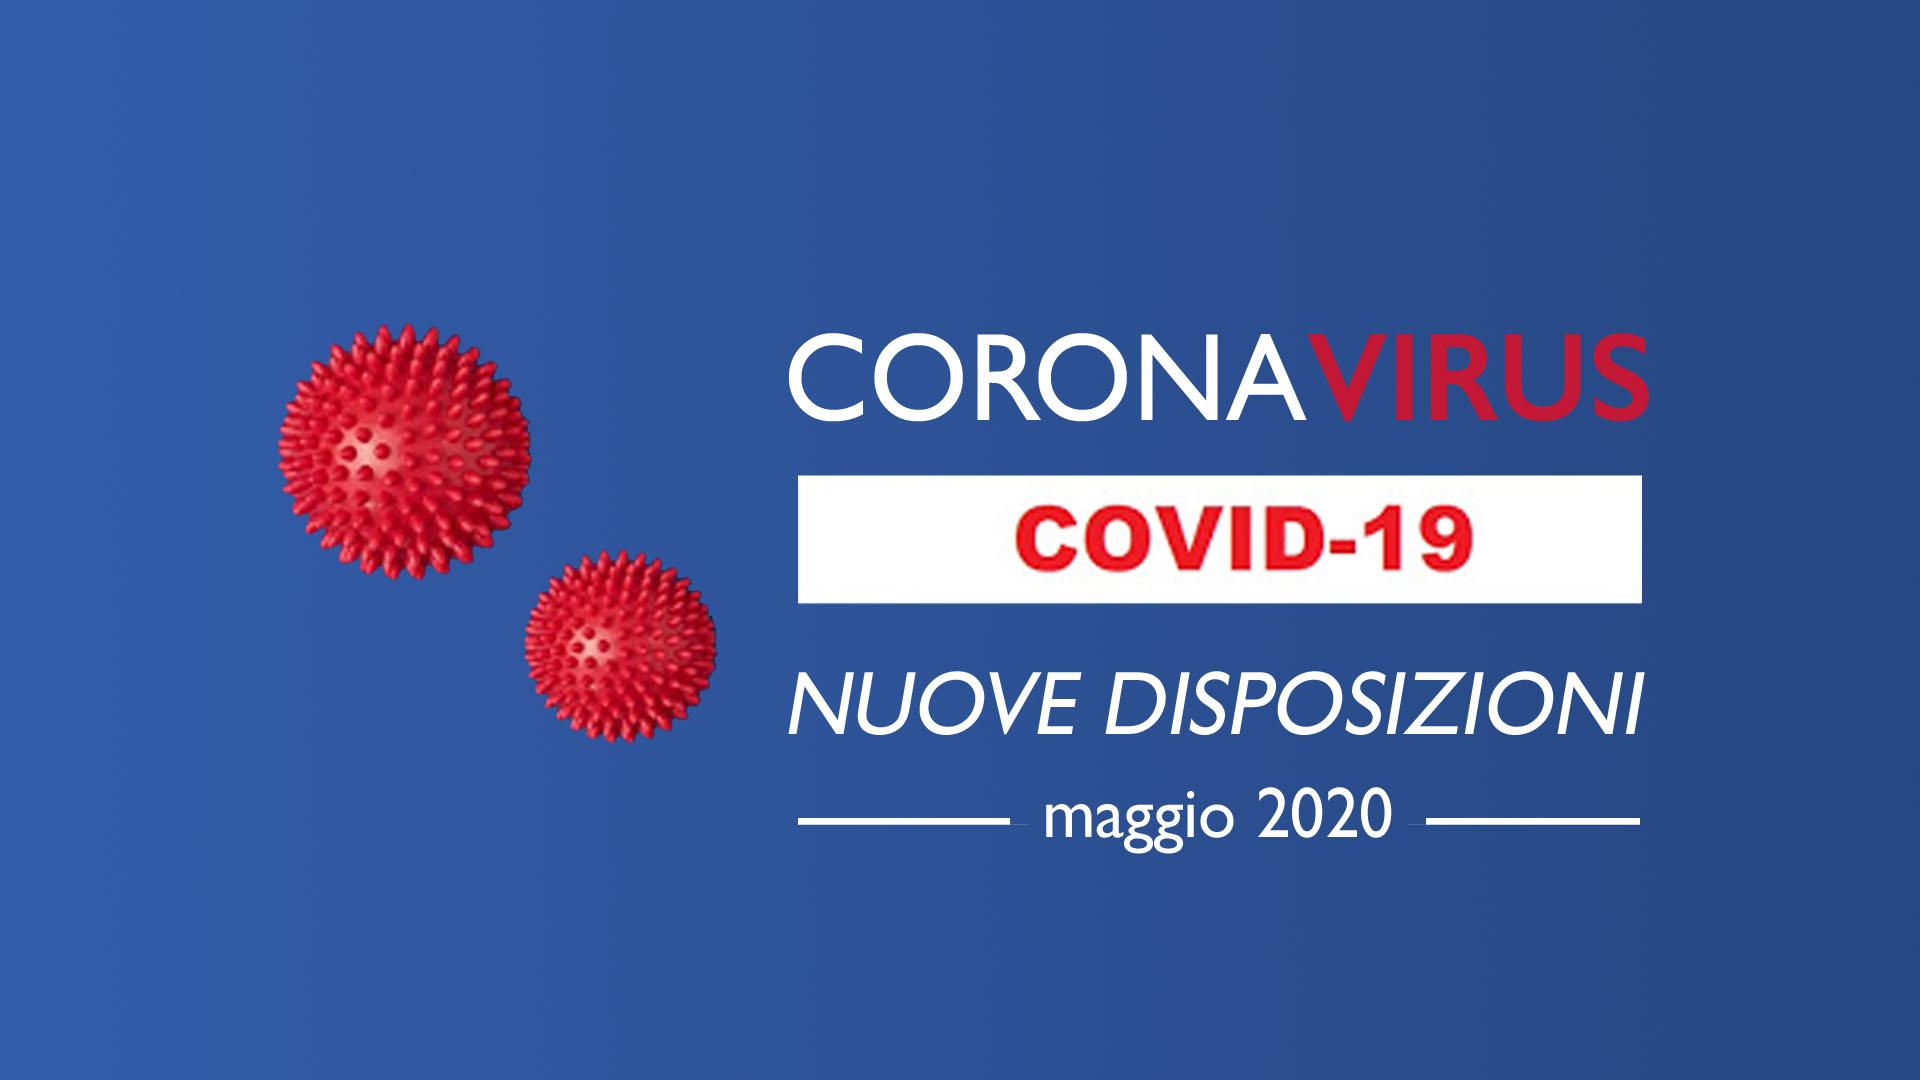 Nuove disposizioni coronavirus maggio 2020